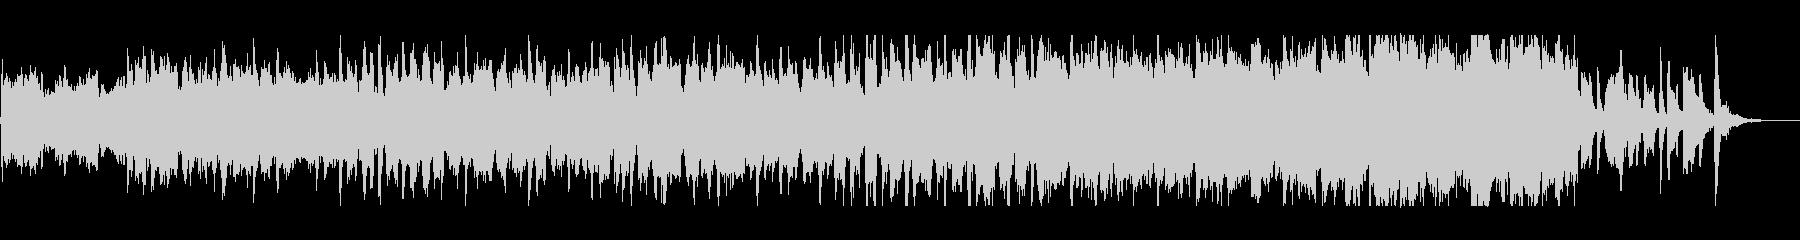 和風で日本的なオーケストラジングルの未再生の波形